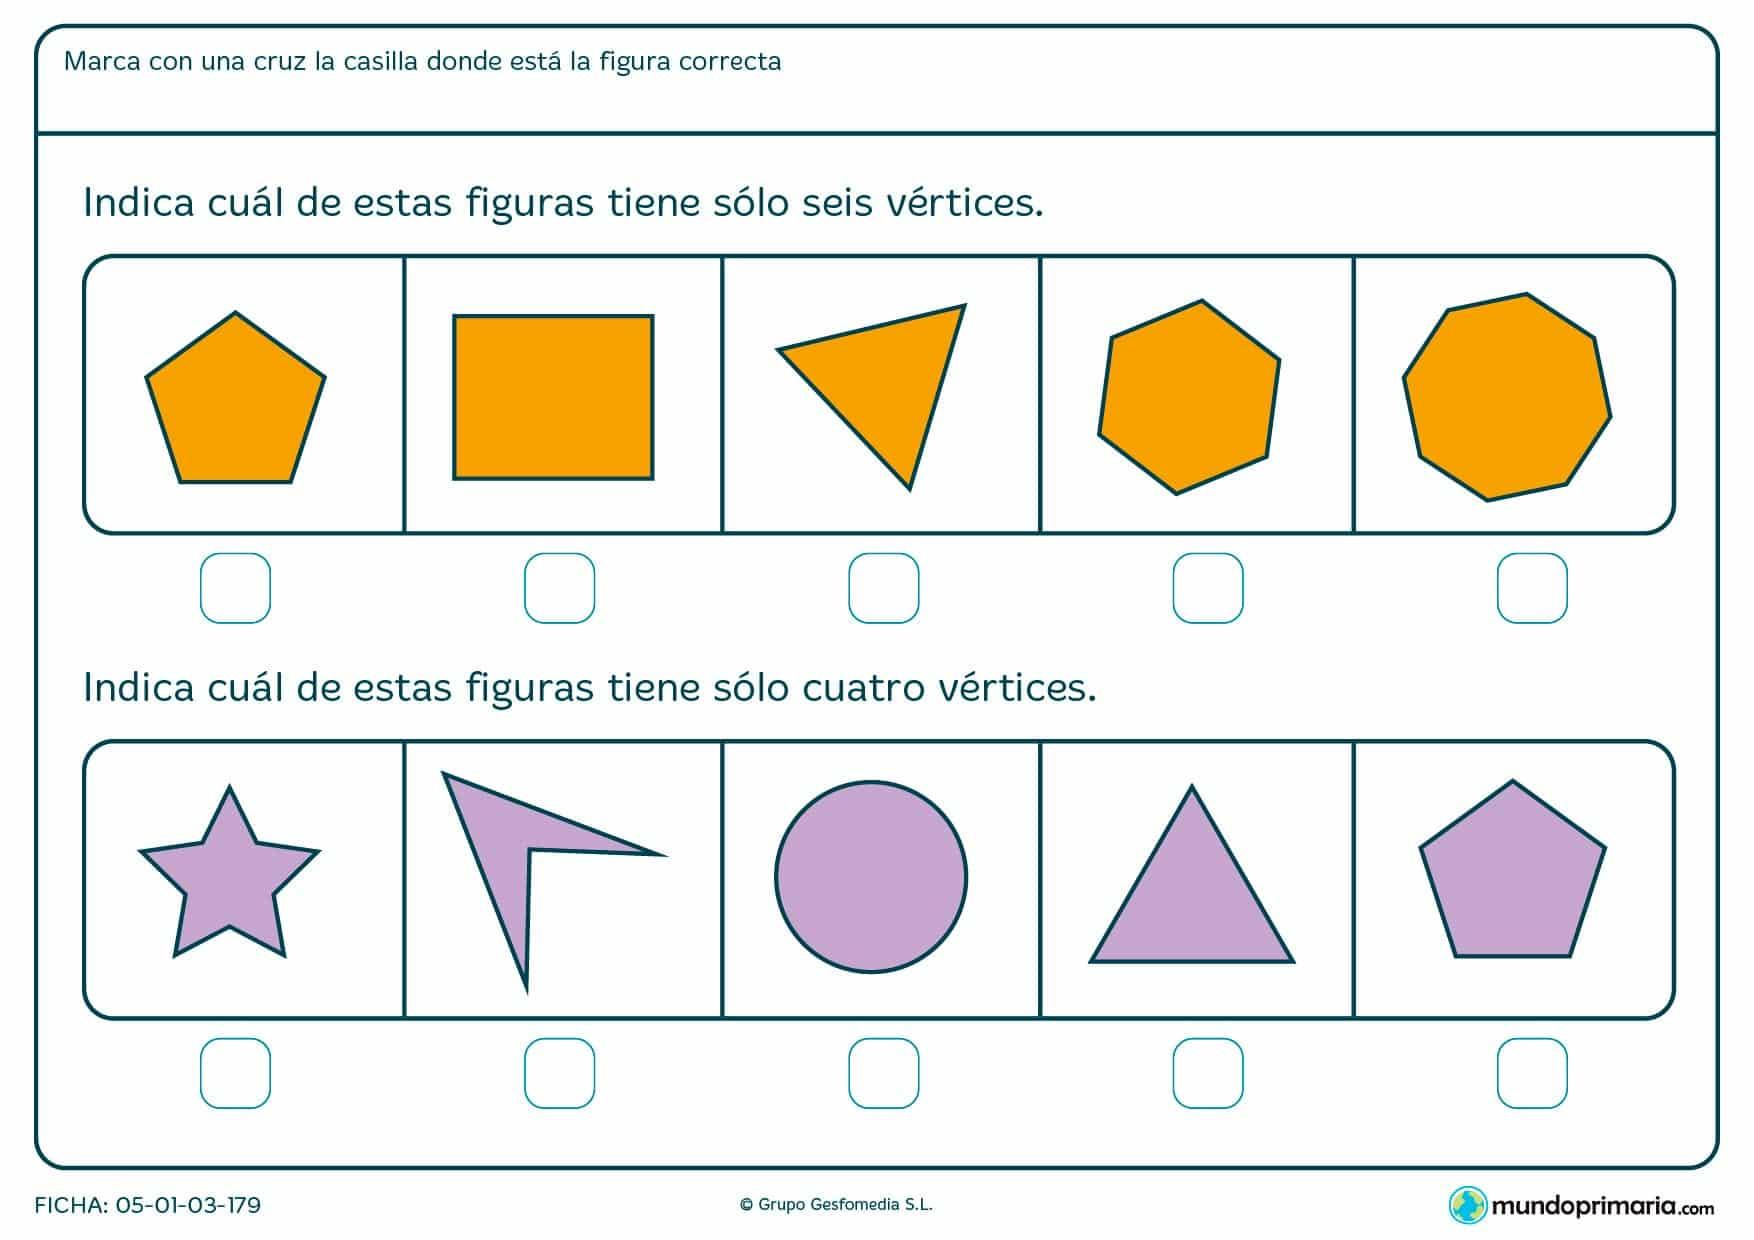 Ficha de vértices geométricos para marcar la figura con el número de vértices que te pedimos.